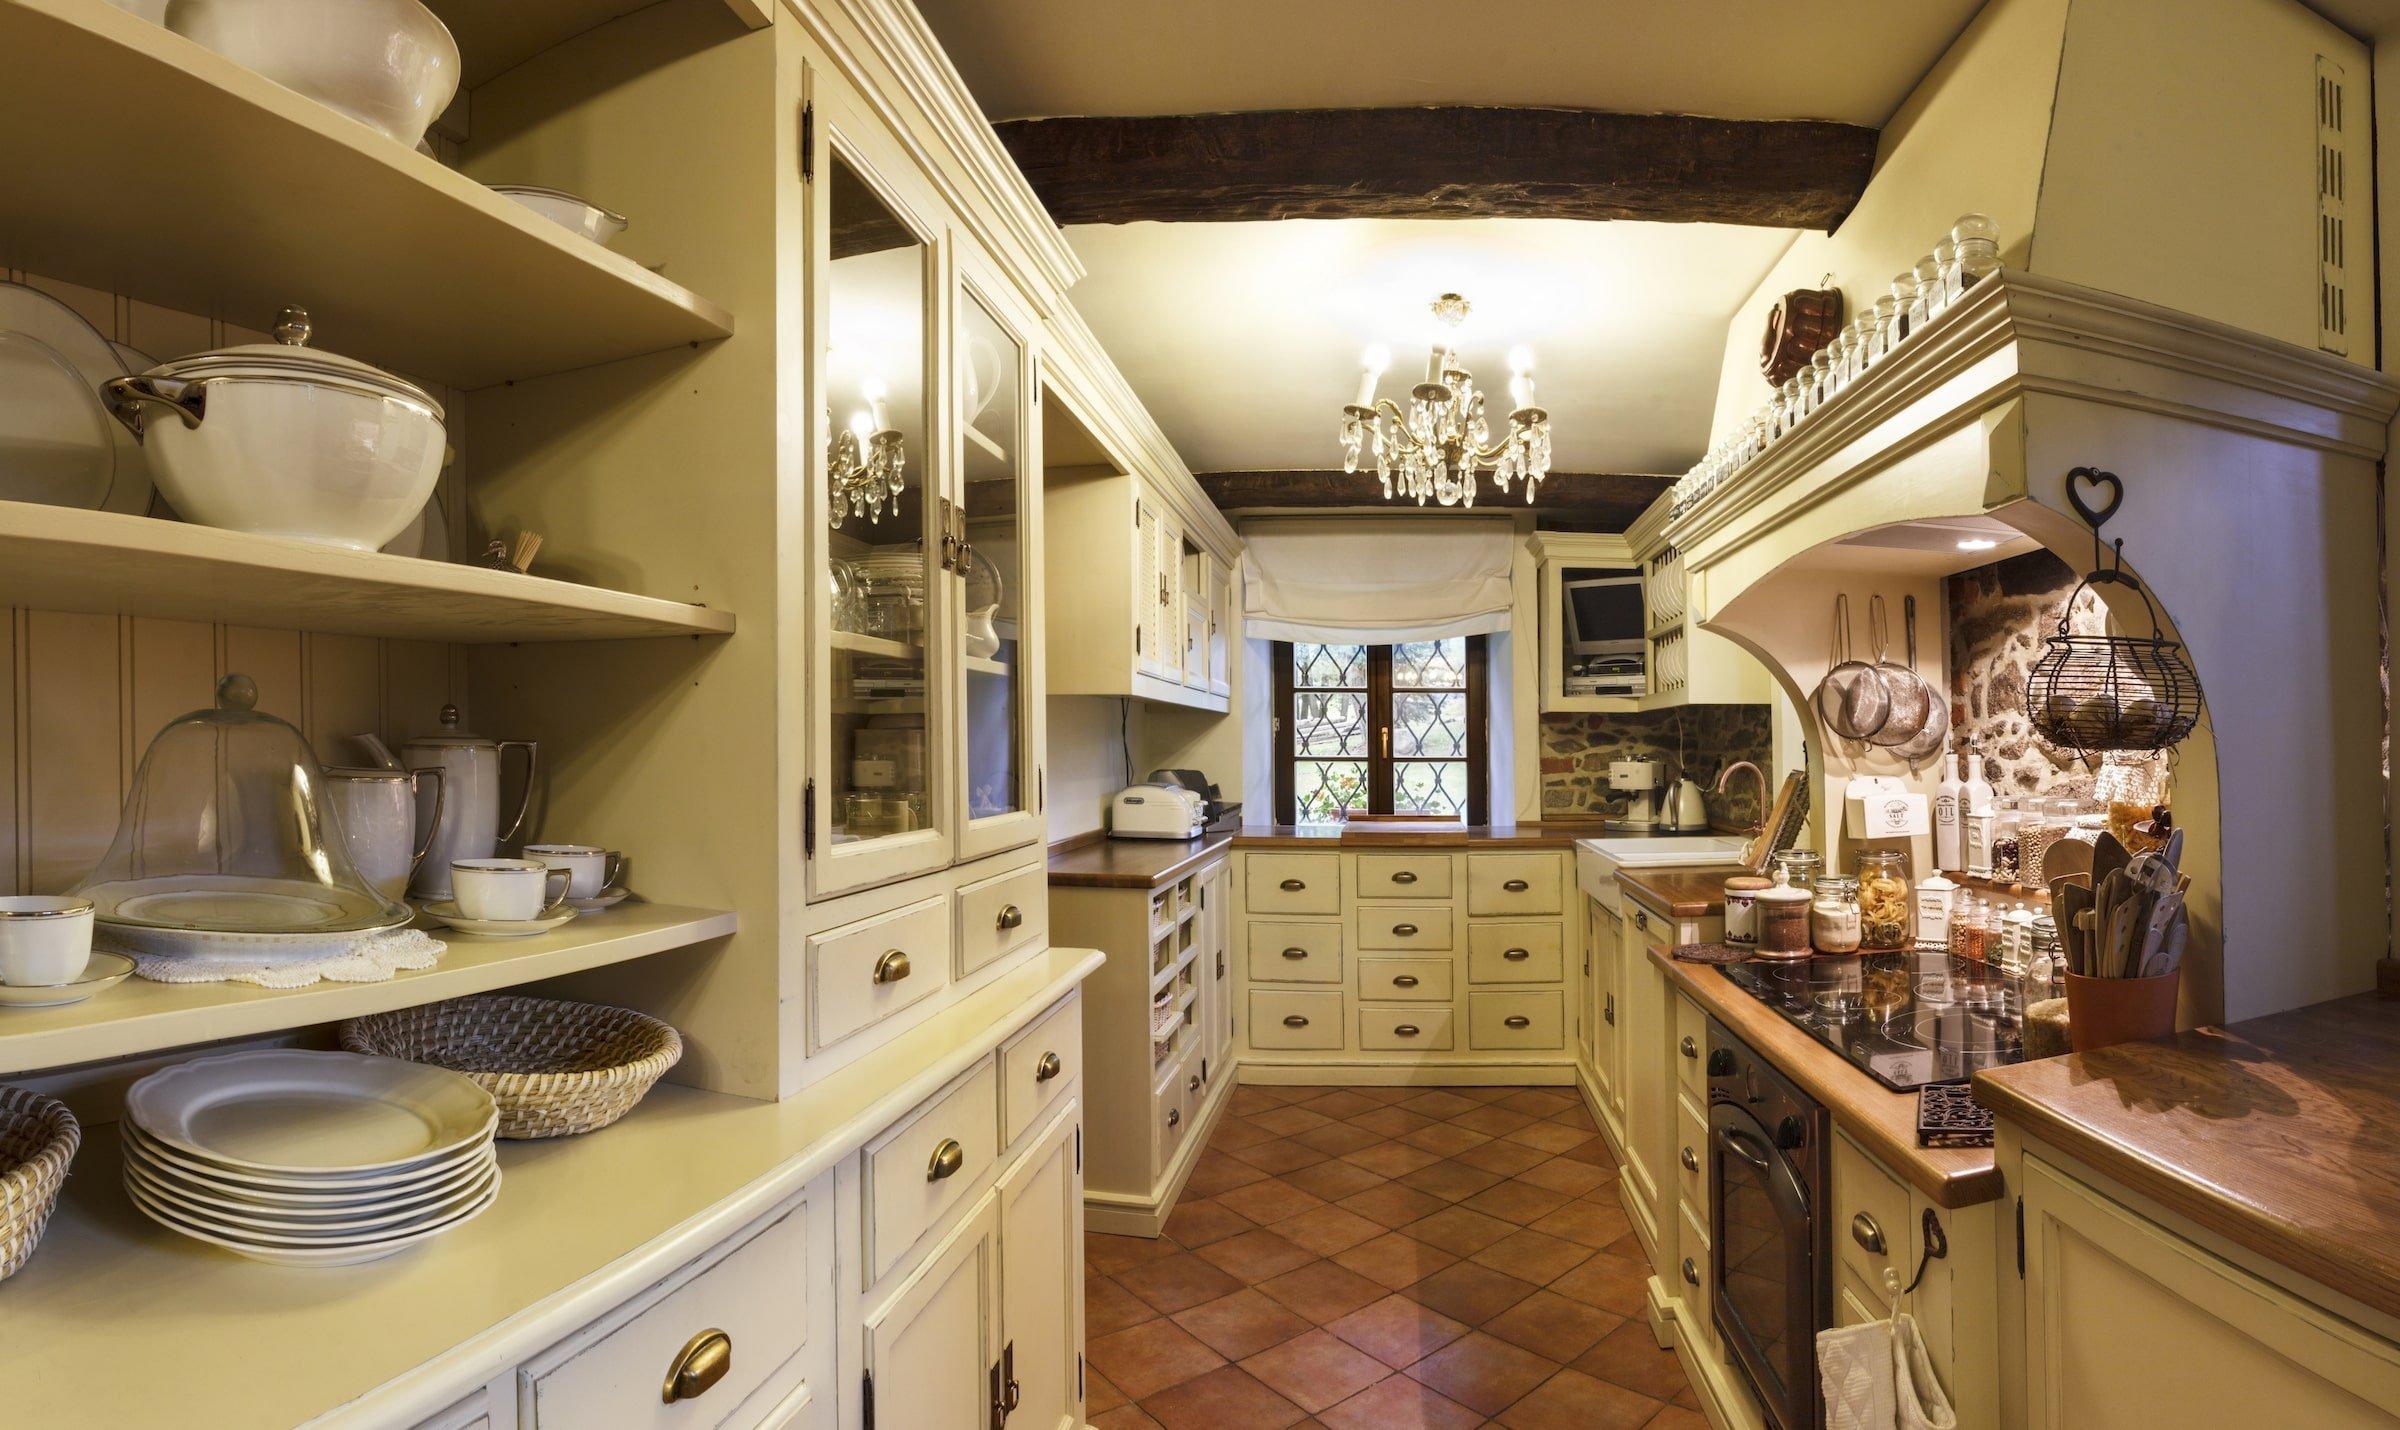 Také v jižních Čechách může vzniknout kuchyně s vůní levandulových polí, vinic a moře. Přesvědčí vás o tom šestičlenná rodina, která se po cestování krajem galského kohouta vrhla do rekonstrukce stavení starého víc jak tři sta let. Proměnu kuchyně přitom příjemně okořenila špetka Provence.